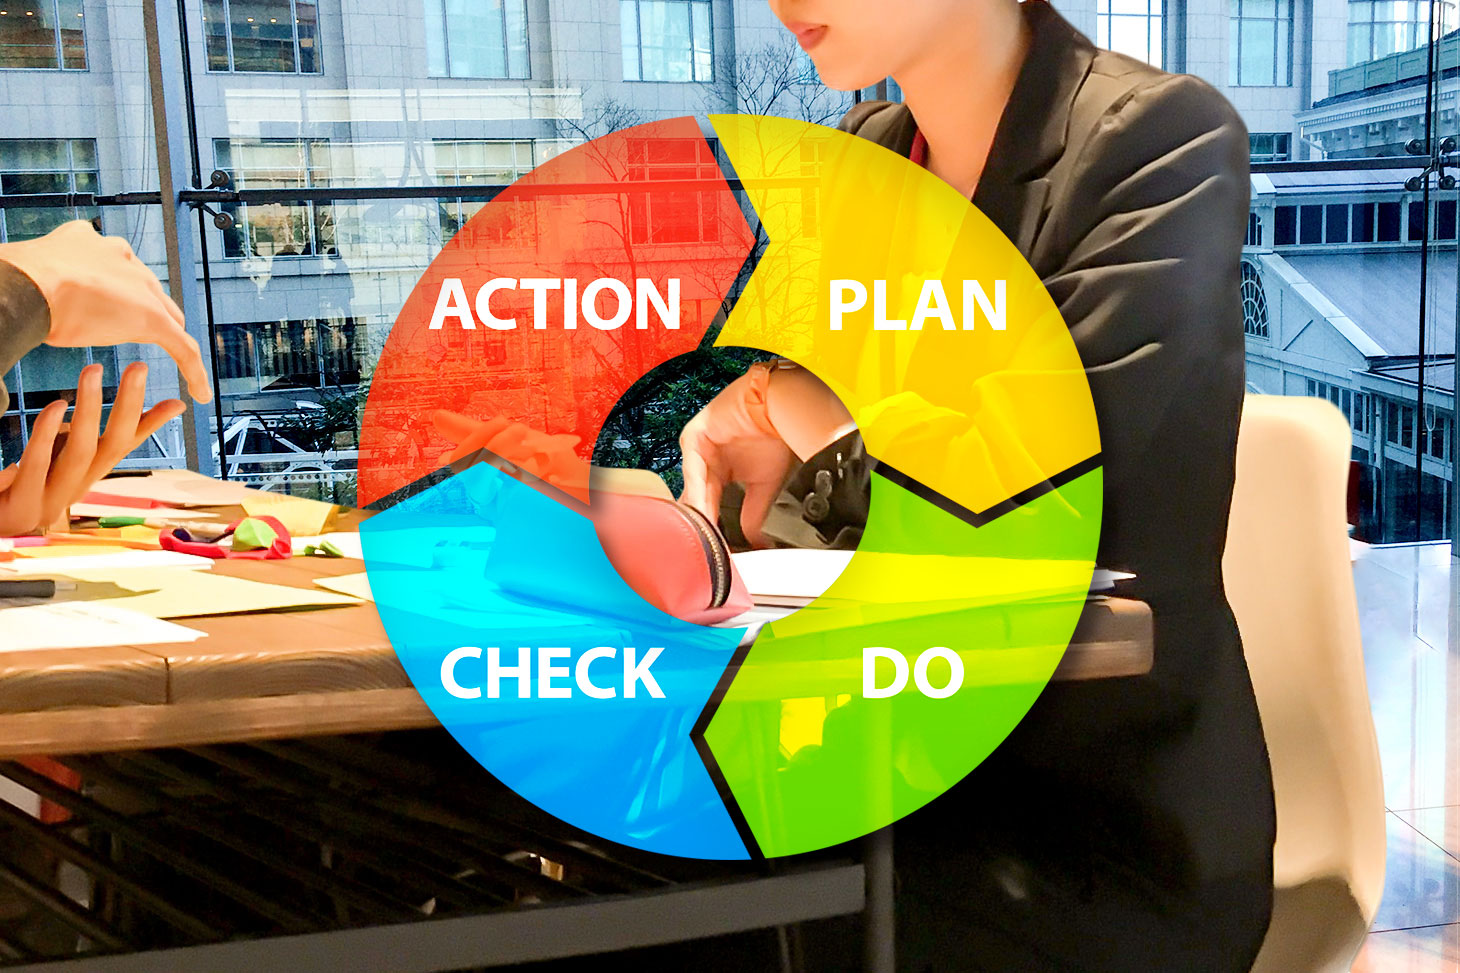 小売業のキャッシュフローの最適化を図るための在庫回転期間の活用方法